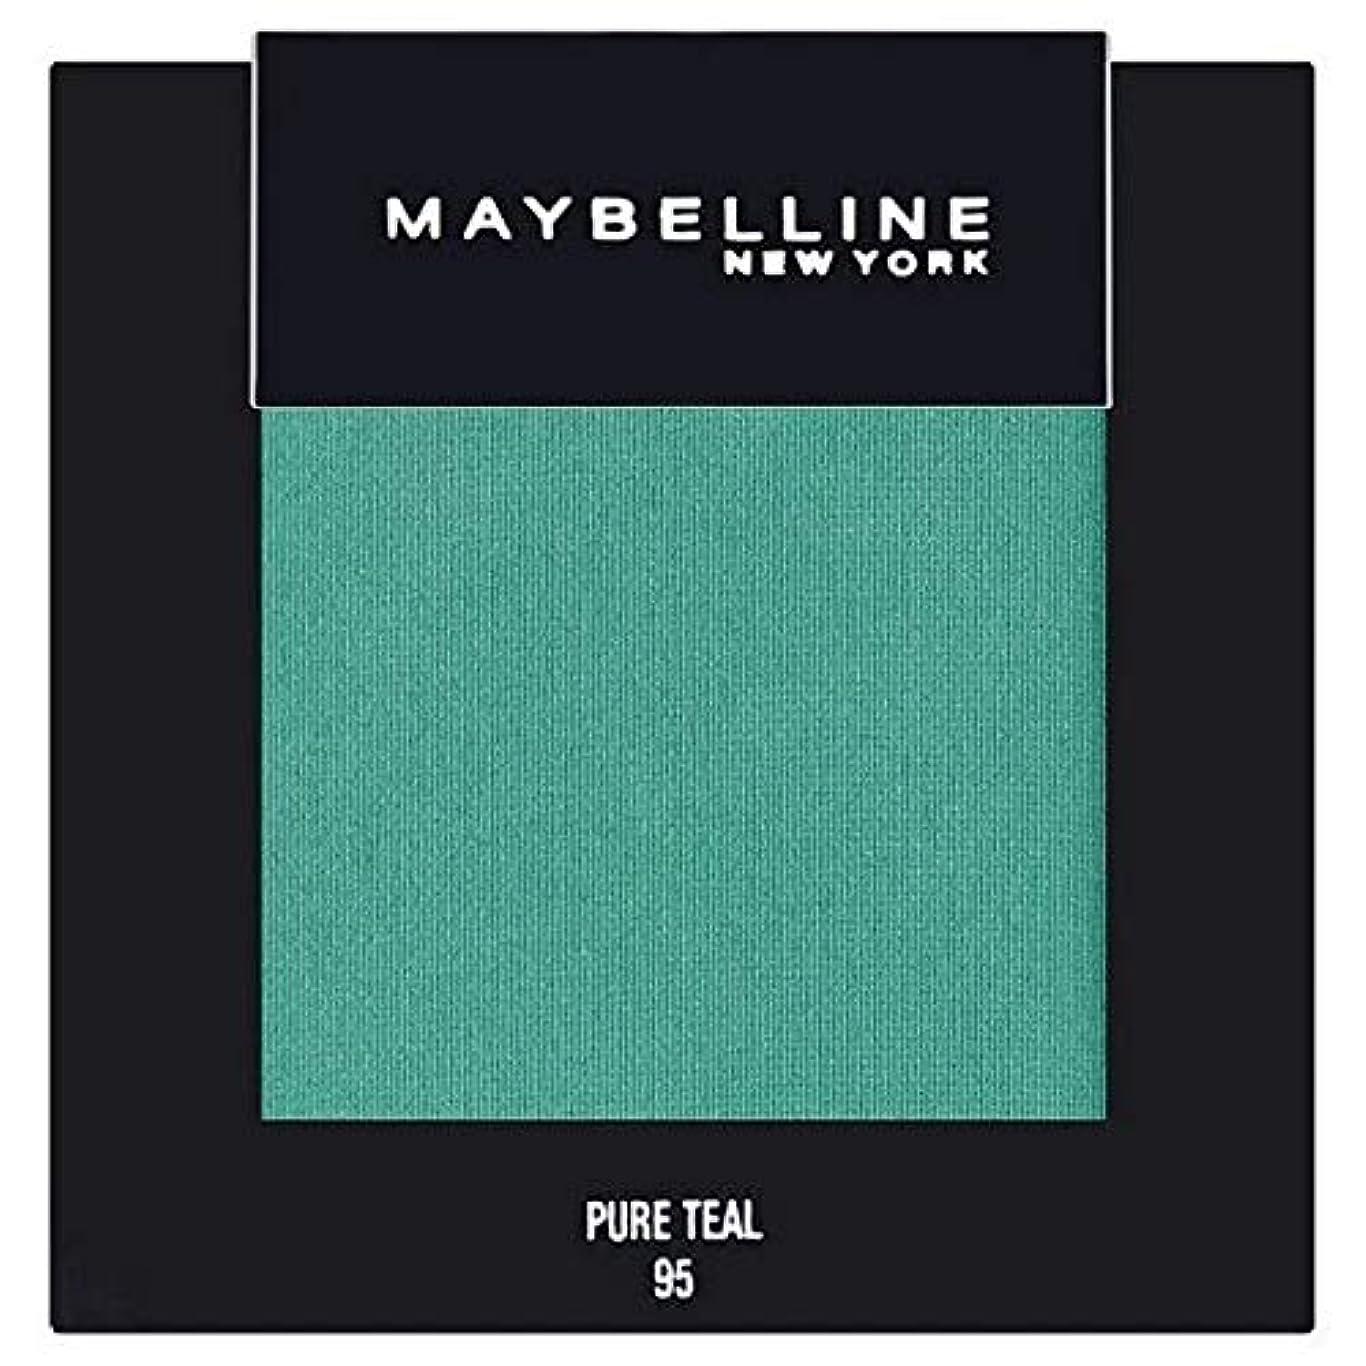 さらにが欲しい通行人[Maybelline ] メイベリンカラーショー単一グリーンアイシャドウ95純粋ティール - Maybelline Color Show Single Green Eyeshadow 95 Pure Teal [並行輸入品]